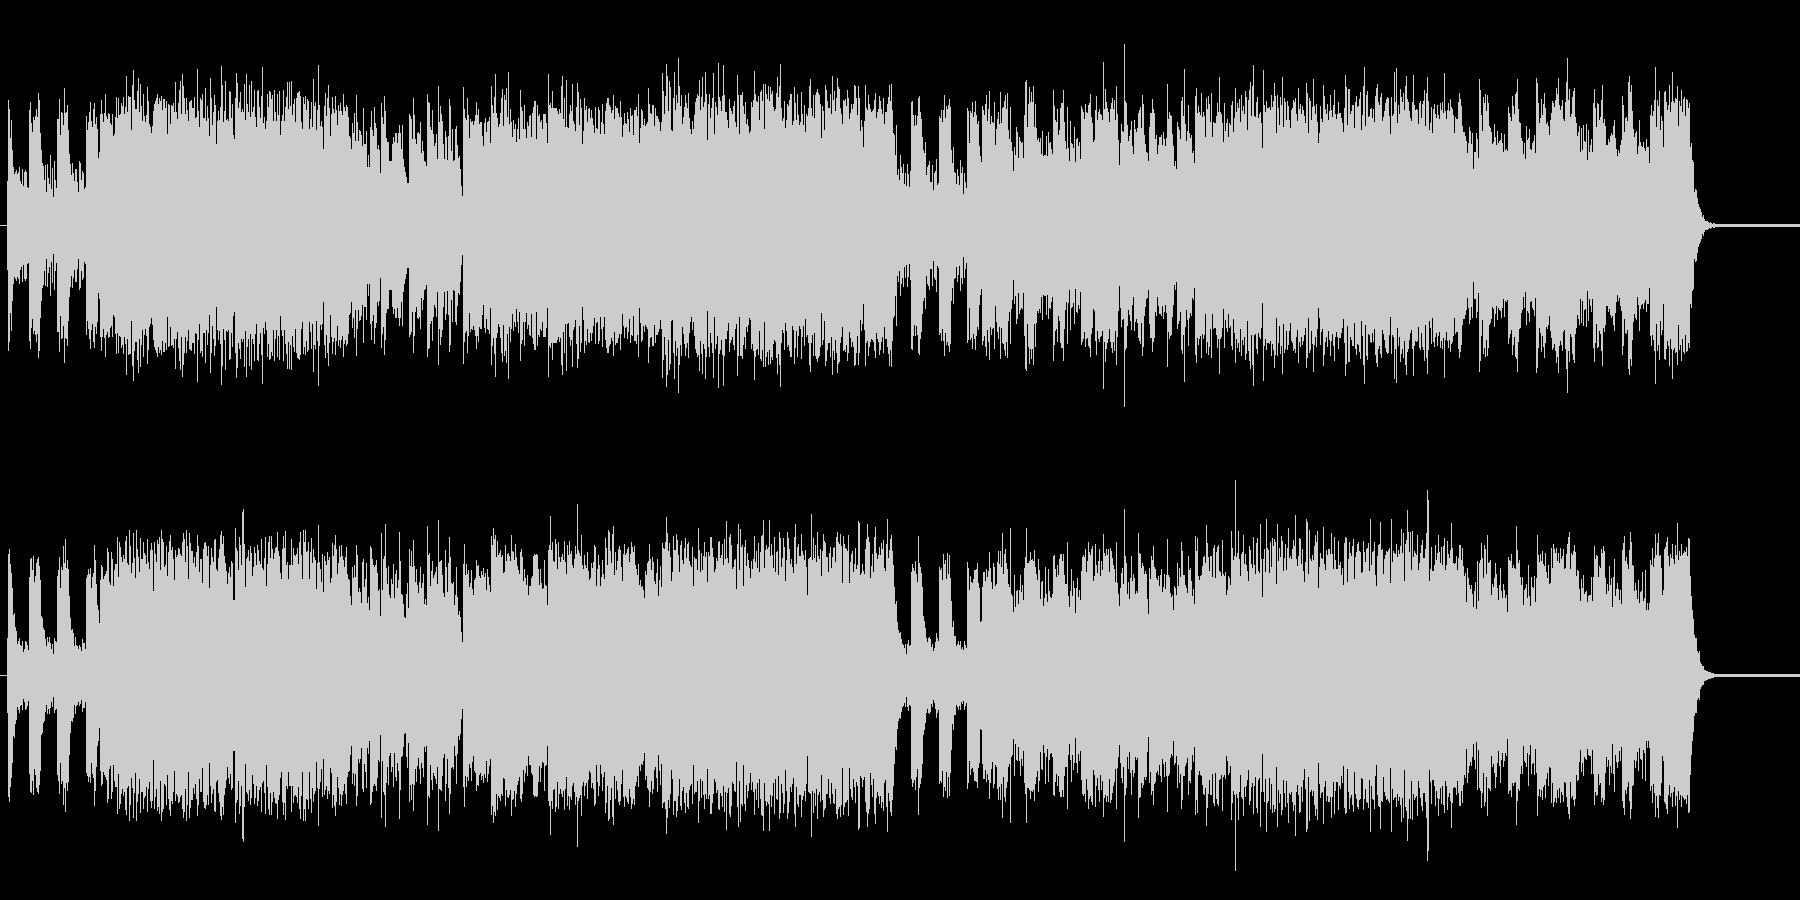 スカと電子音楽の攻撃的作品の未再生の波形